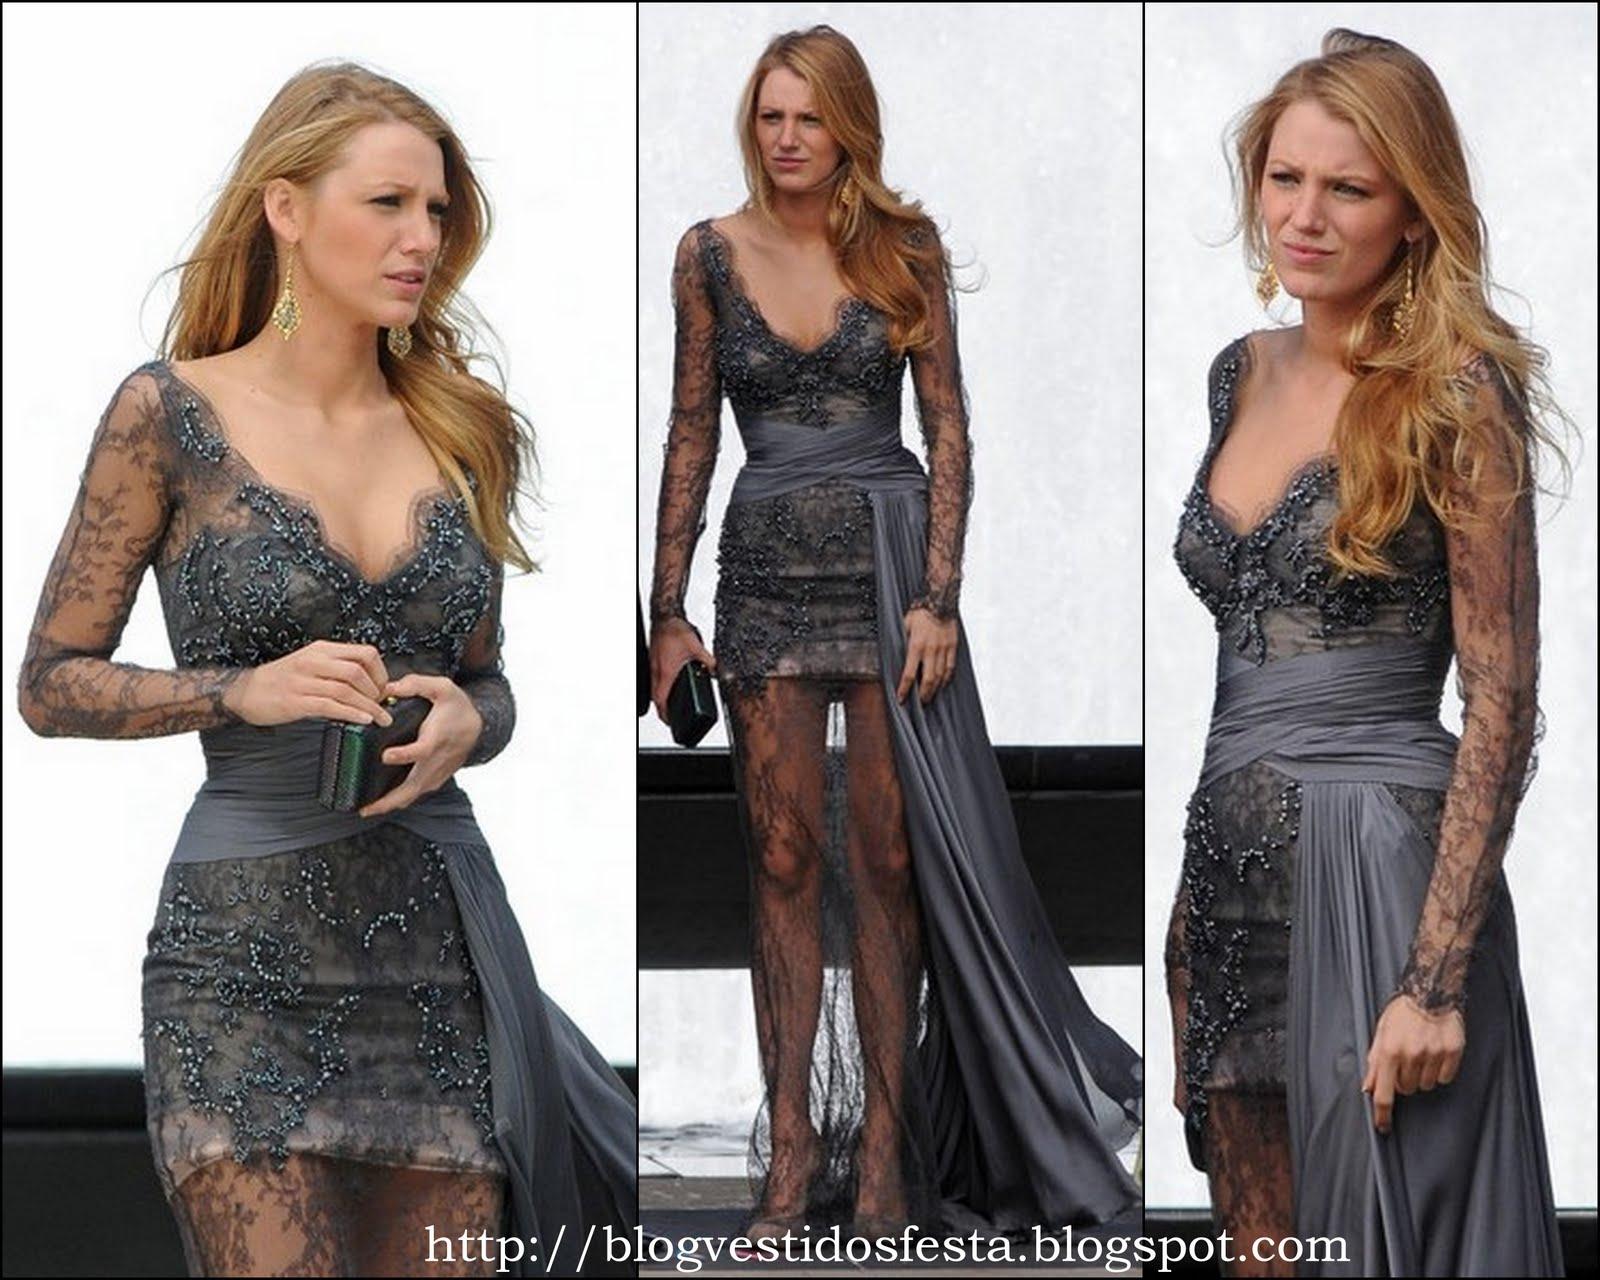 http://1.bp.blogspot.com/_uCqZeTqky6Q/TJfJEgJ1YUI/AAAAAAAADcY/ZHpuGcRoers/s1600/vestido+festa+gossip+girl.jpg